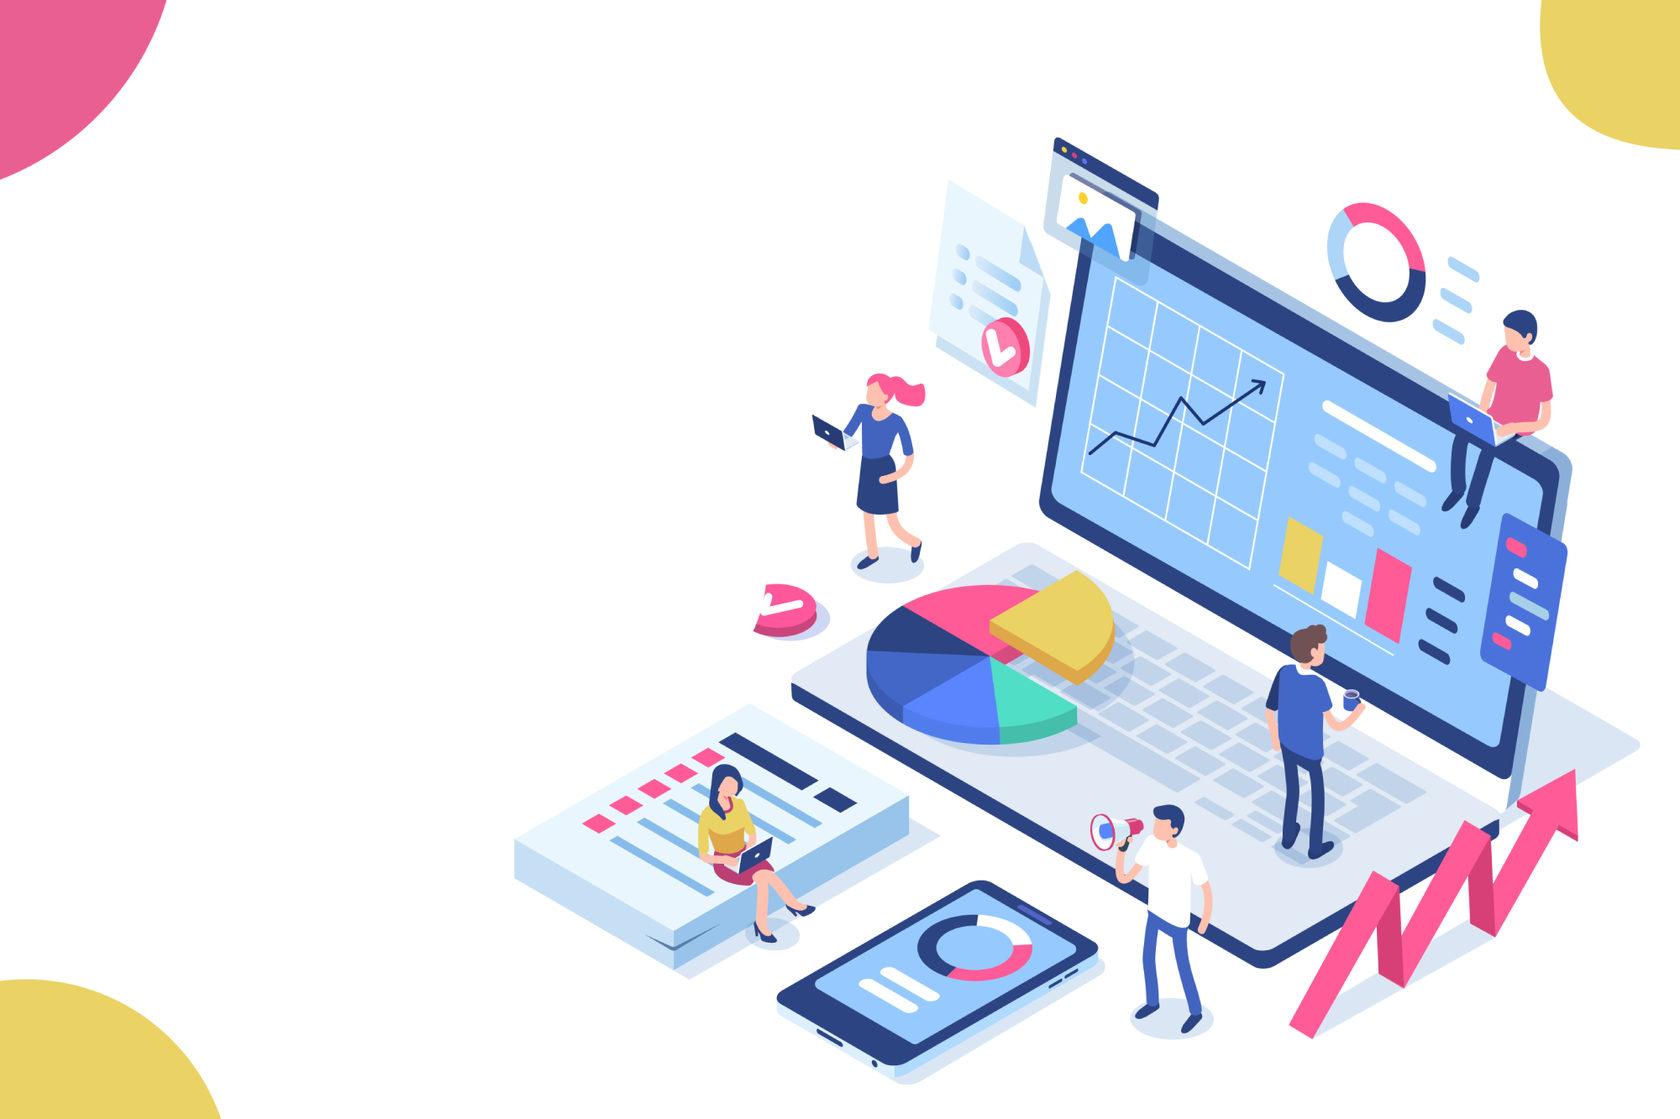 Анализ метрик мобильного приложения с точки зрения бизнеса